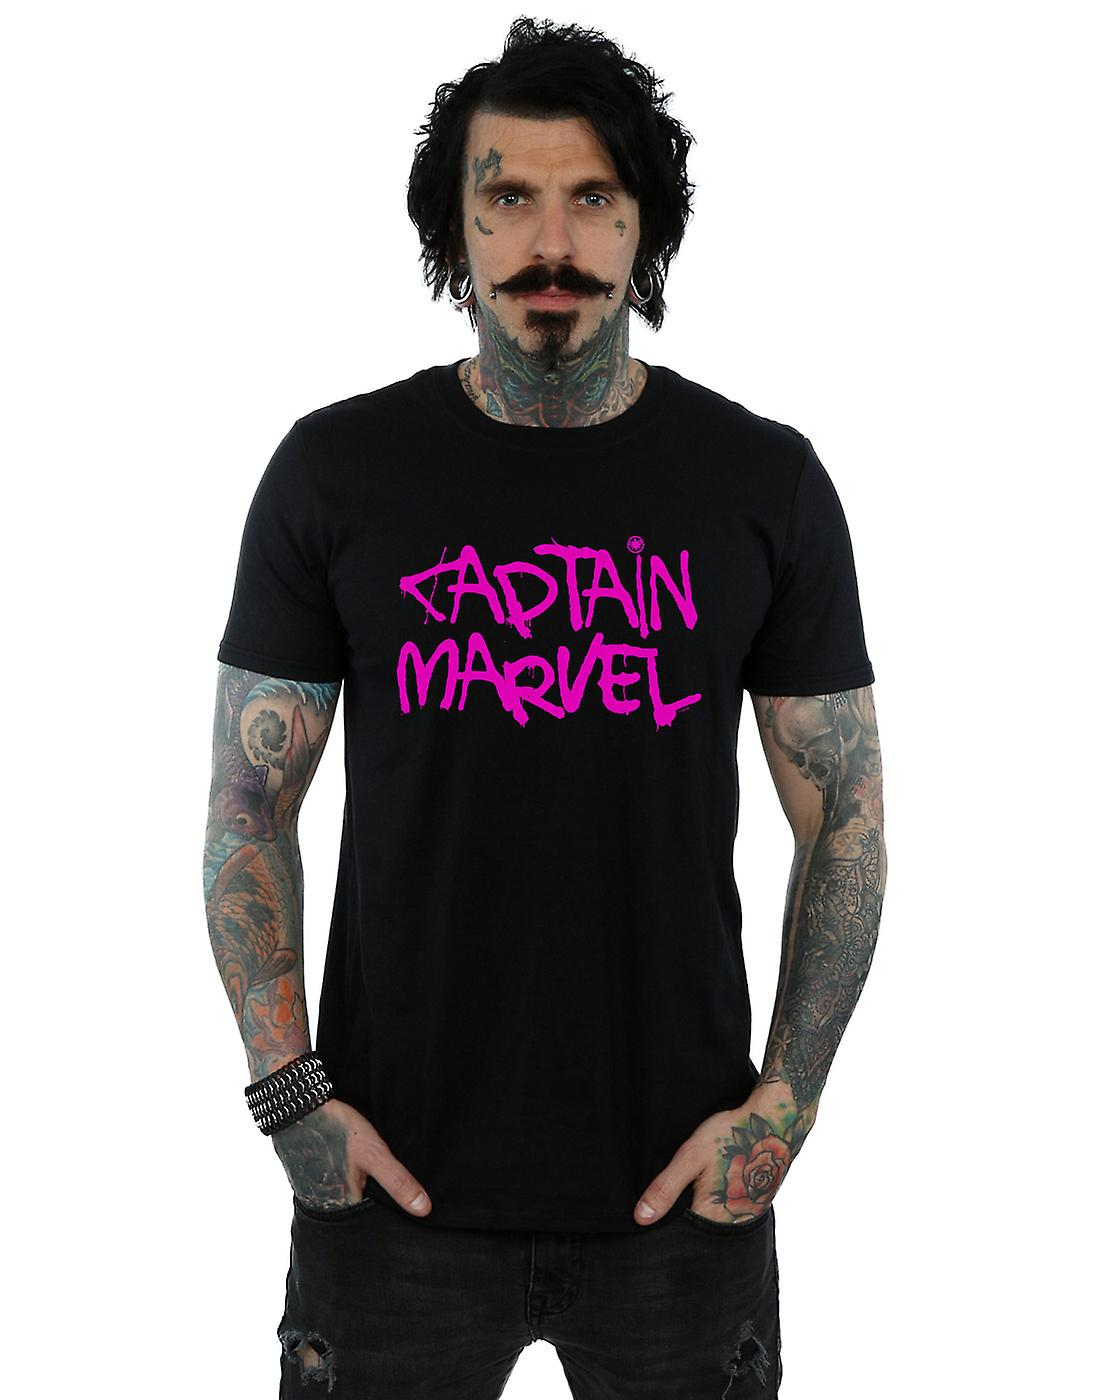 Marvel Men's Captain Marvel Spray Text T-Shirt